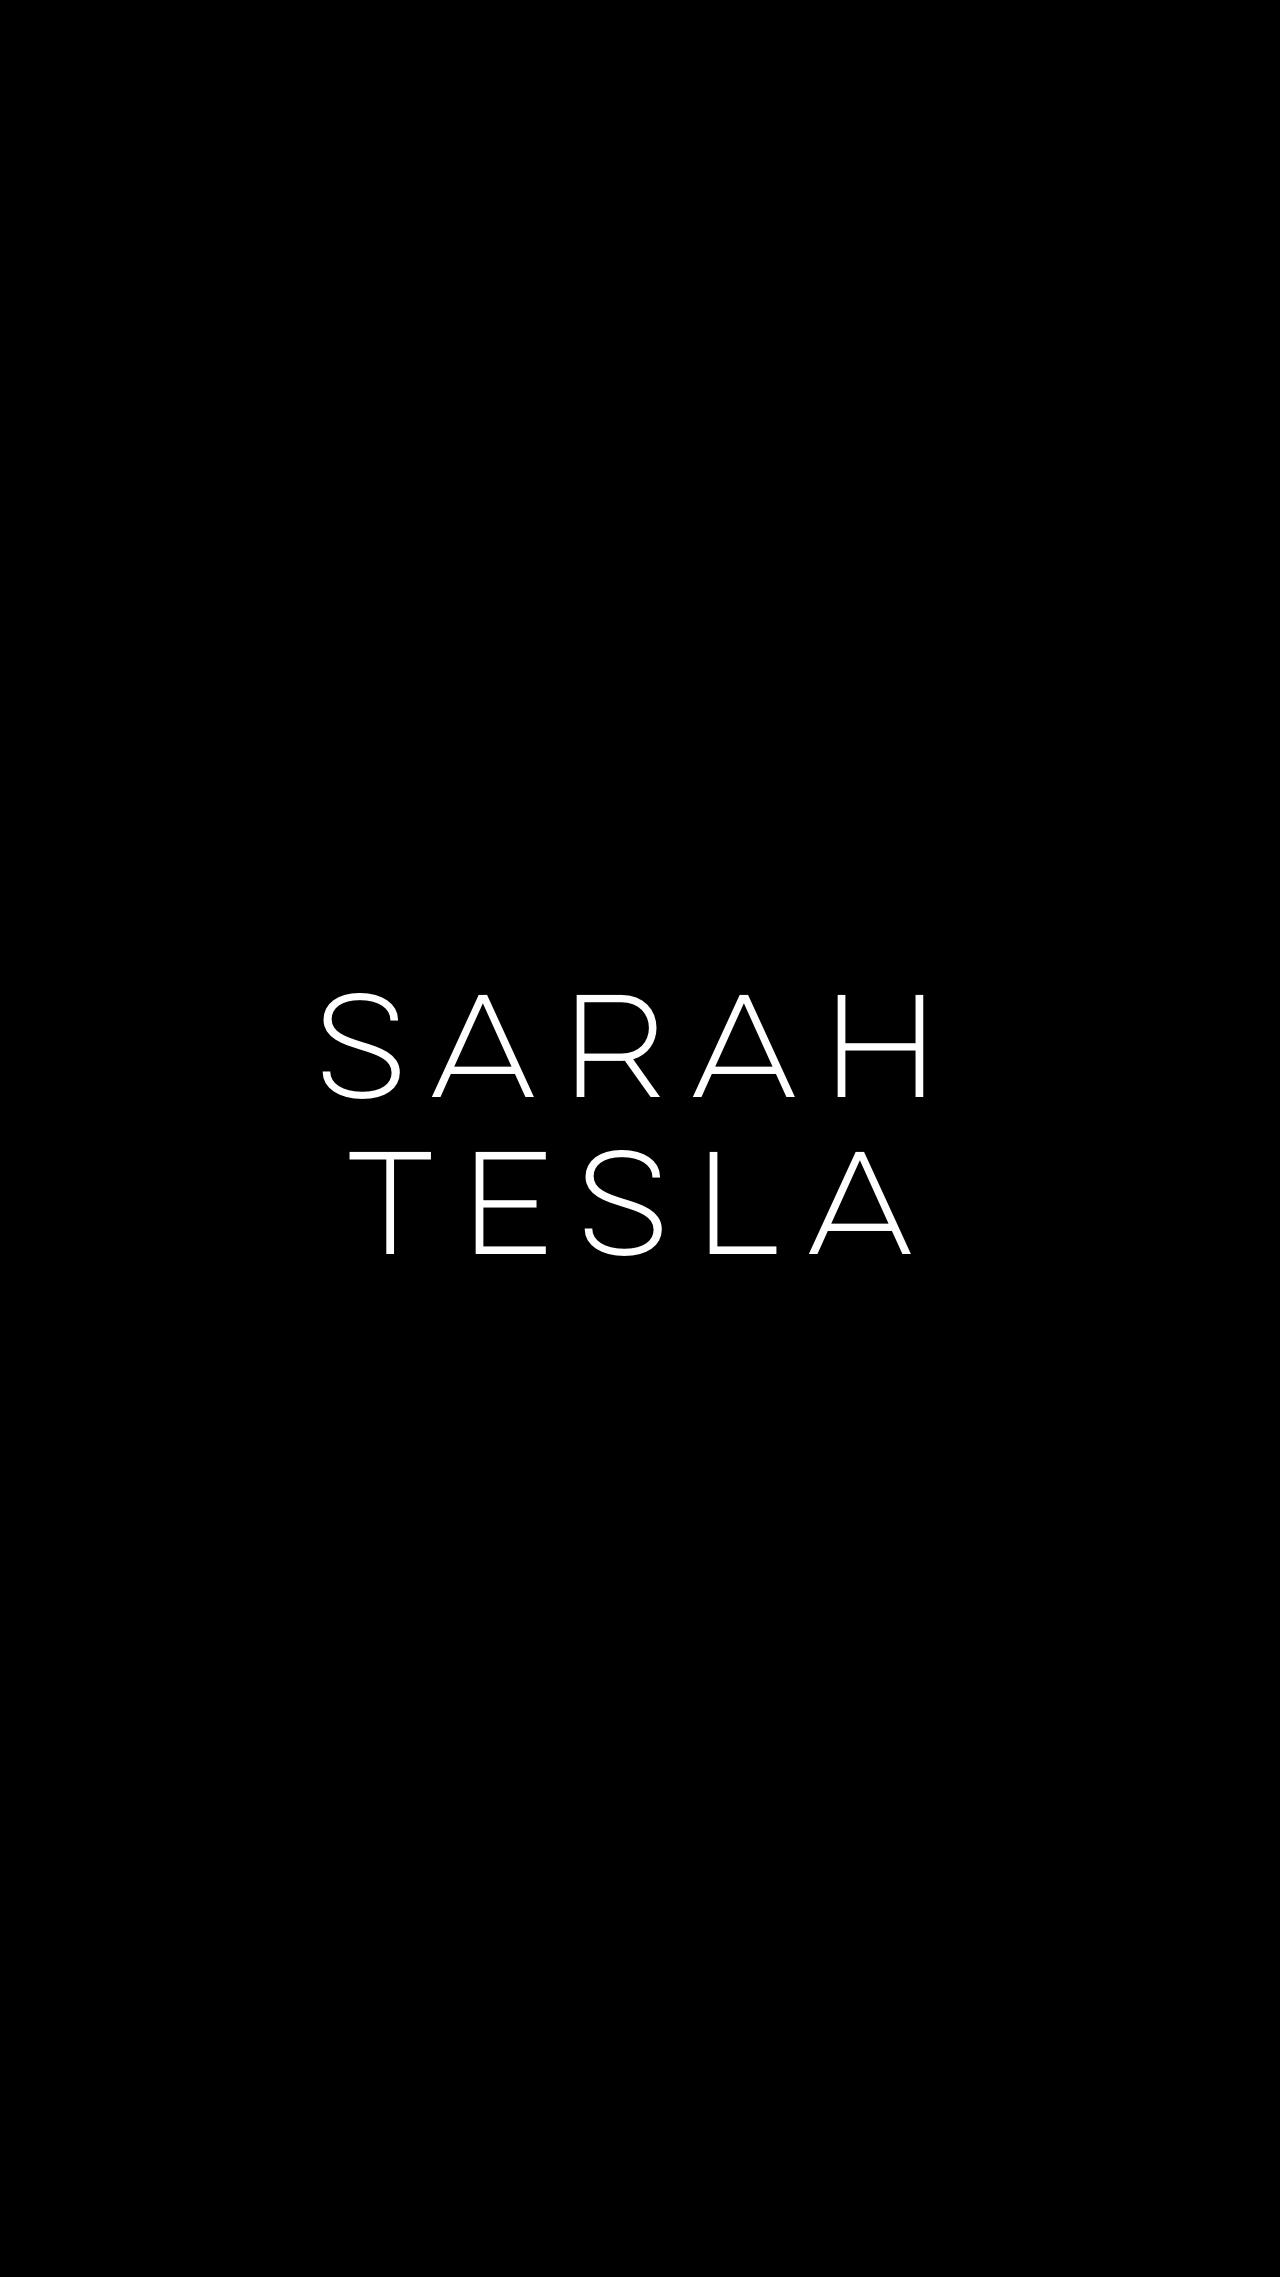 SARAH TESLA.jpg